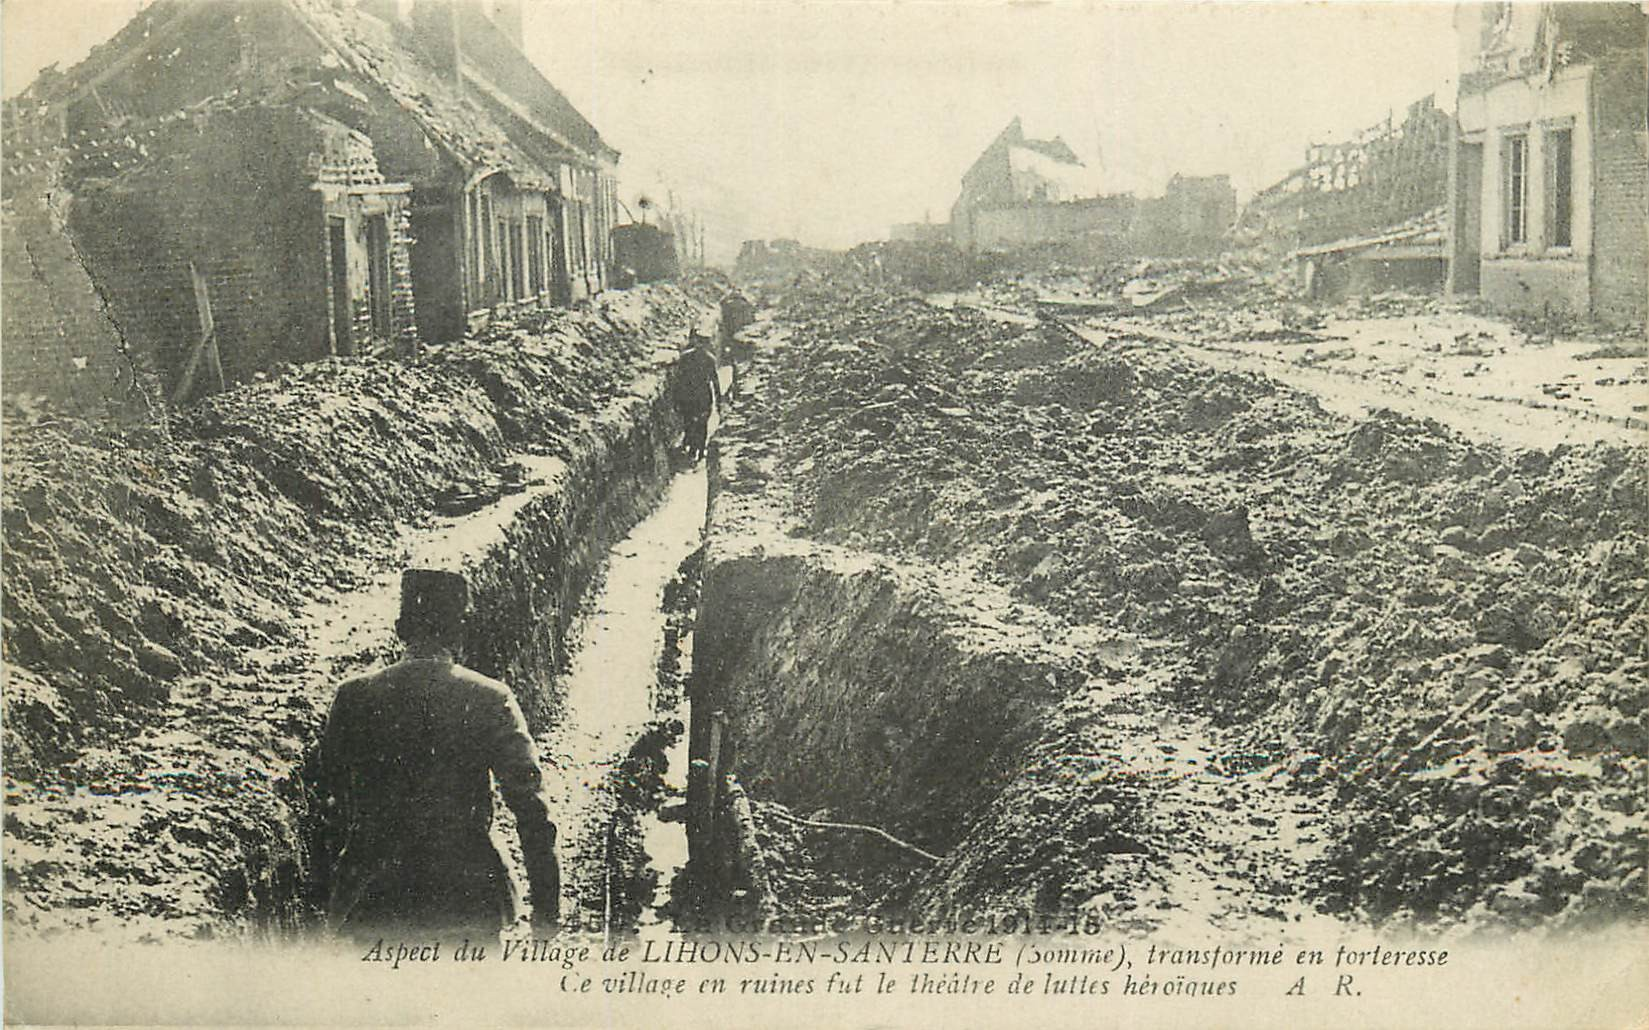 80 LIHONS-EN-SANTERRE. Le Village en ruines transformé en Forteresse Guerre 1914